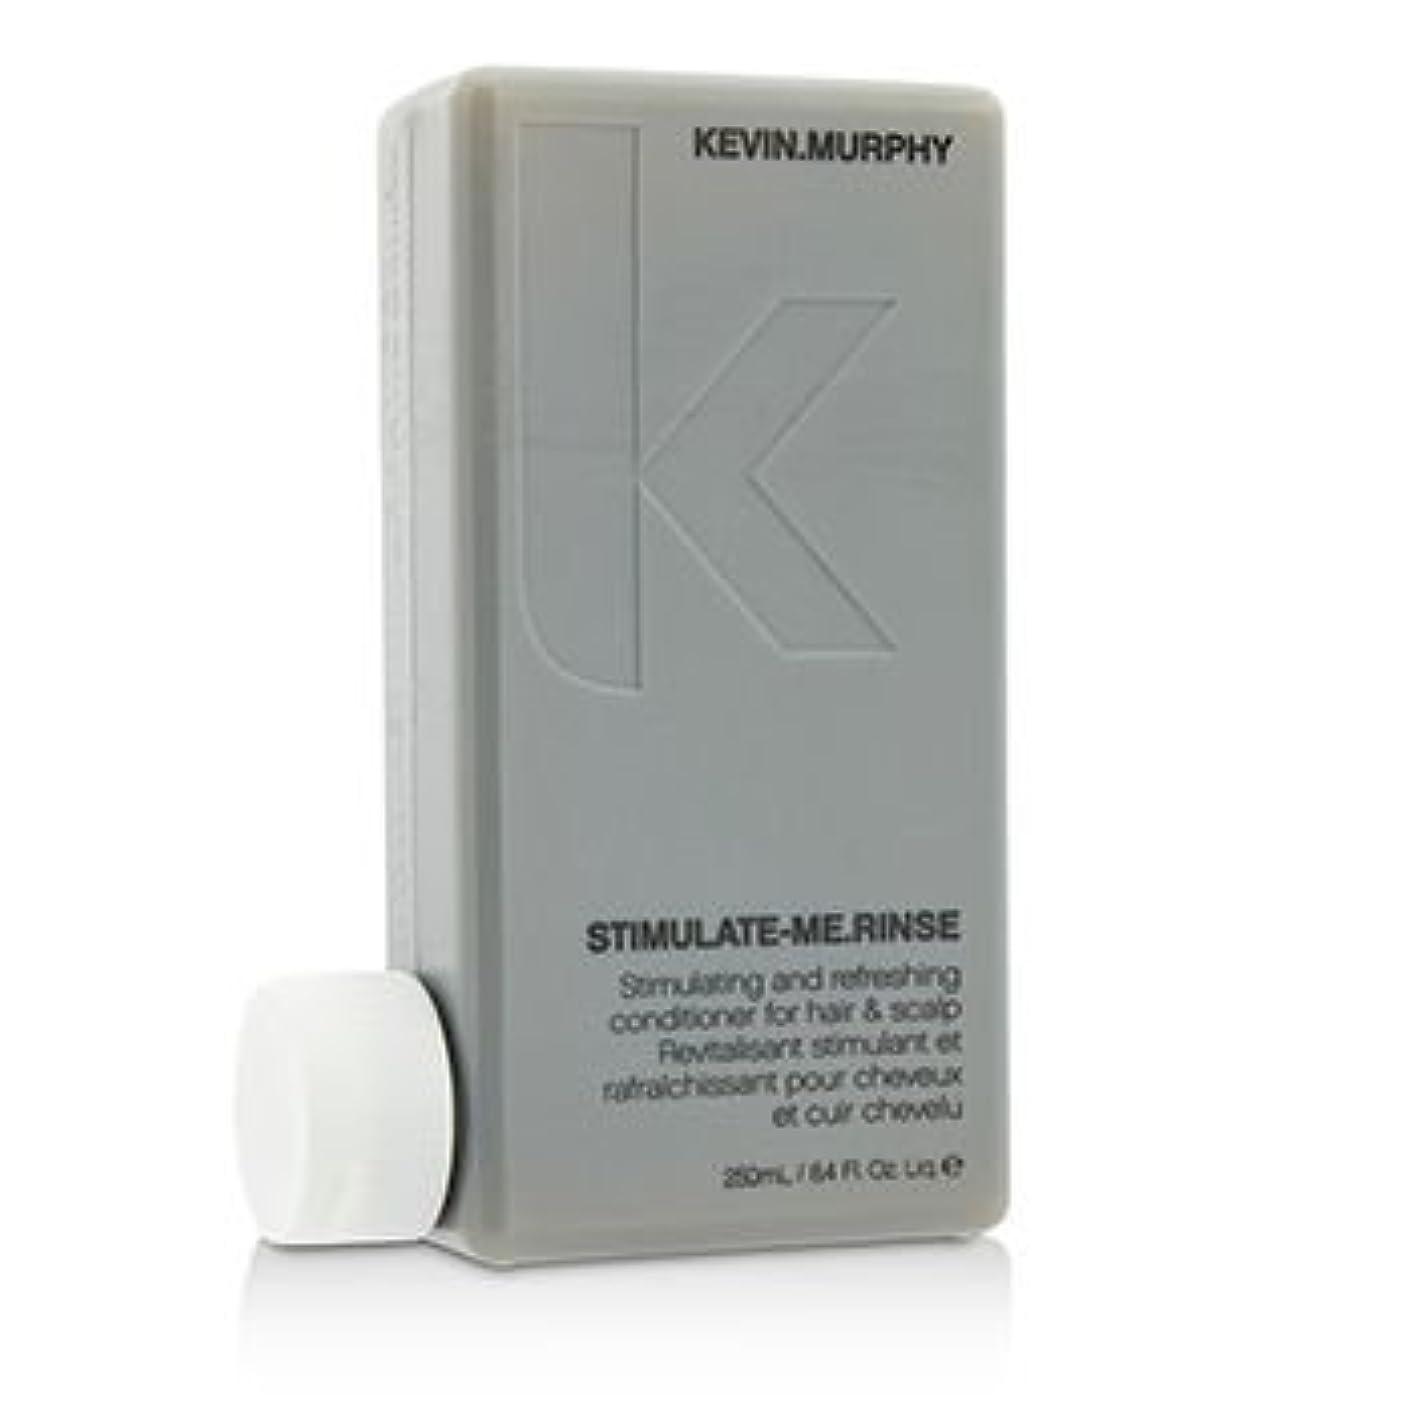 失態ホバート費用[Kevin.Murphy] Stimulate-Me.Rinse (Stimulating and Refreshing Conditioner - For Hair & Scalp) 250ml/8.4oz